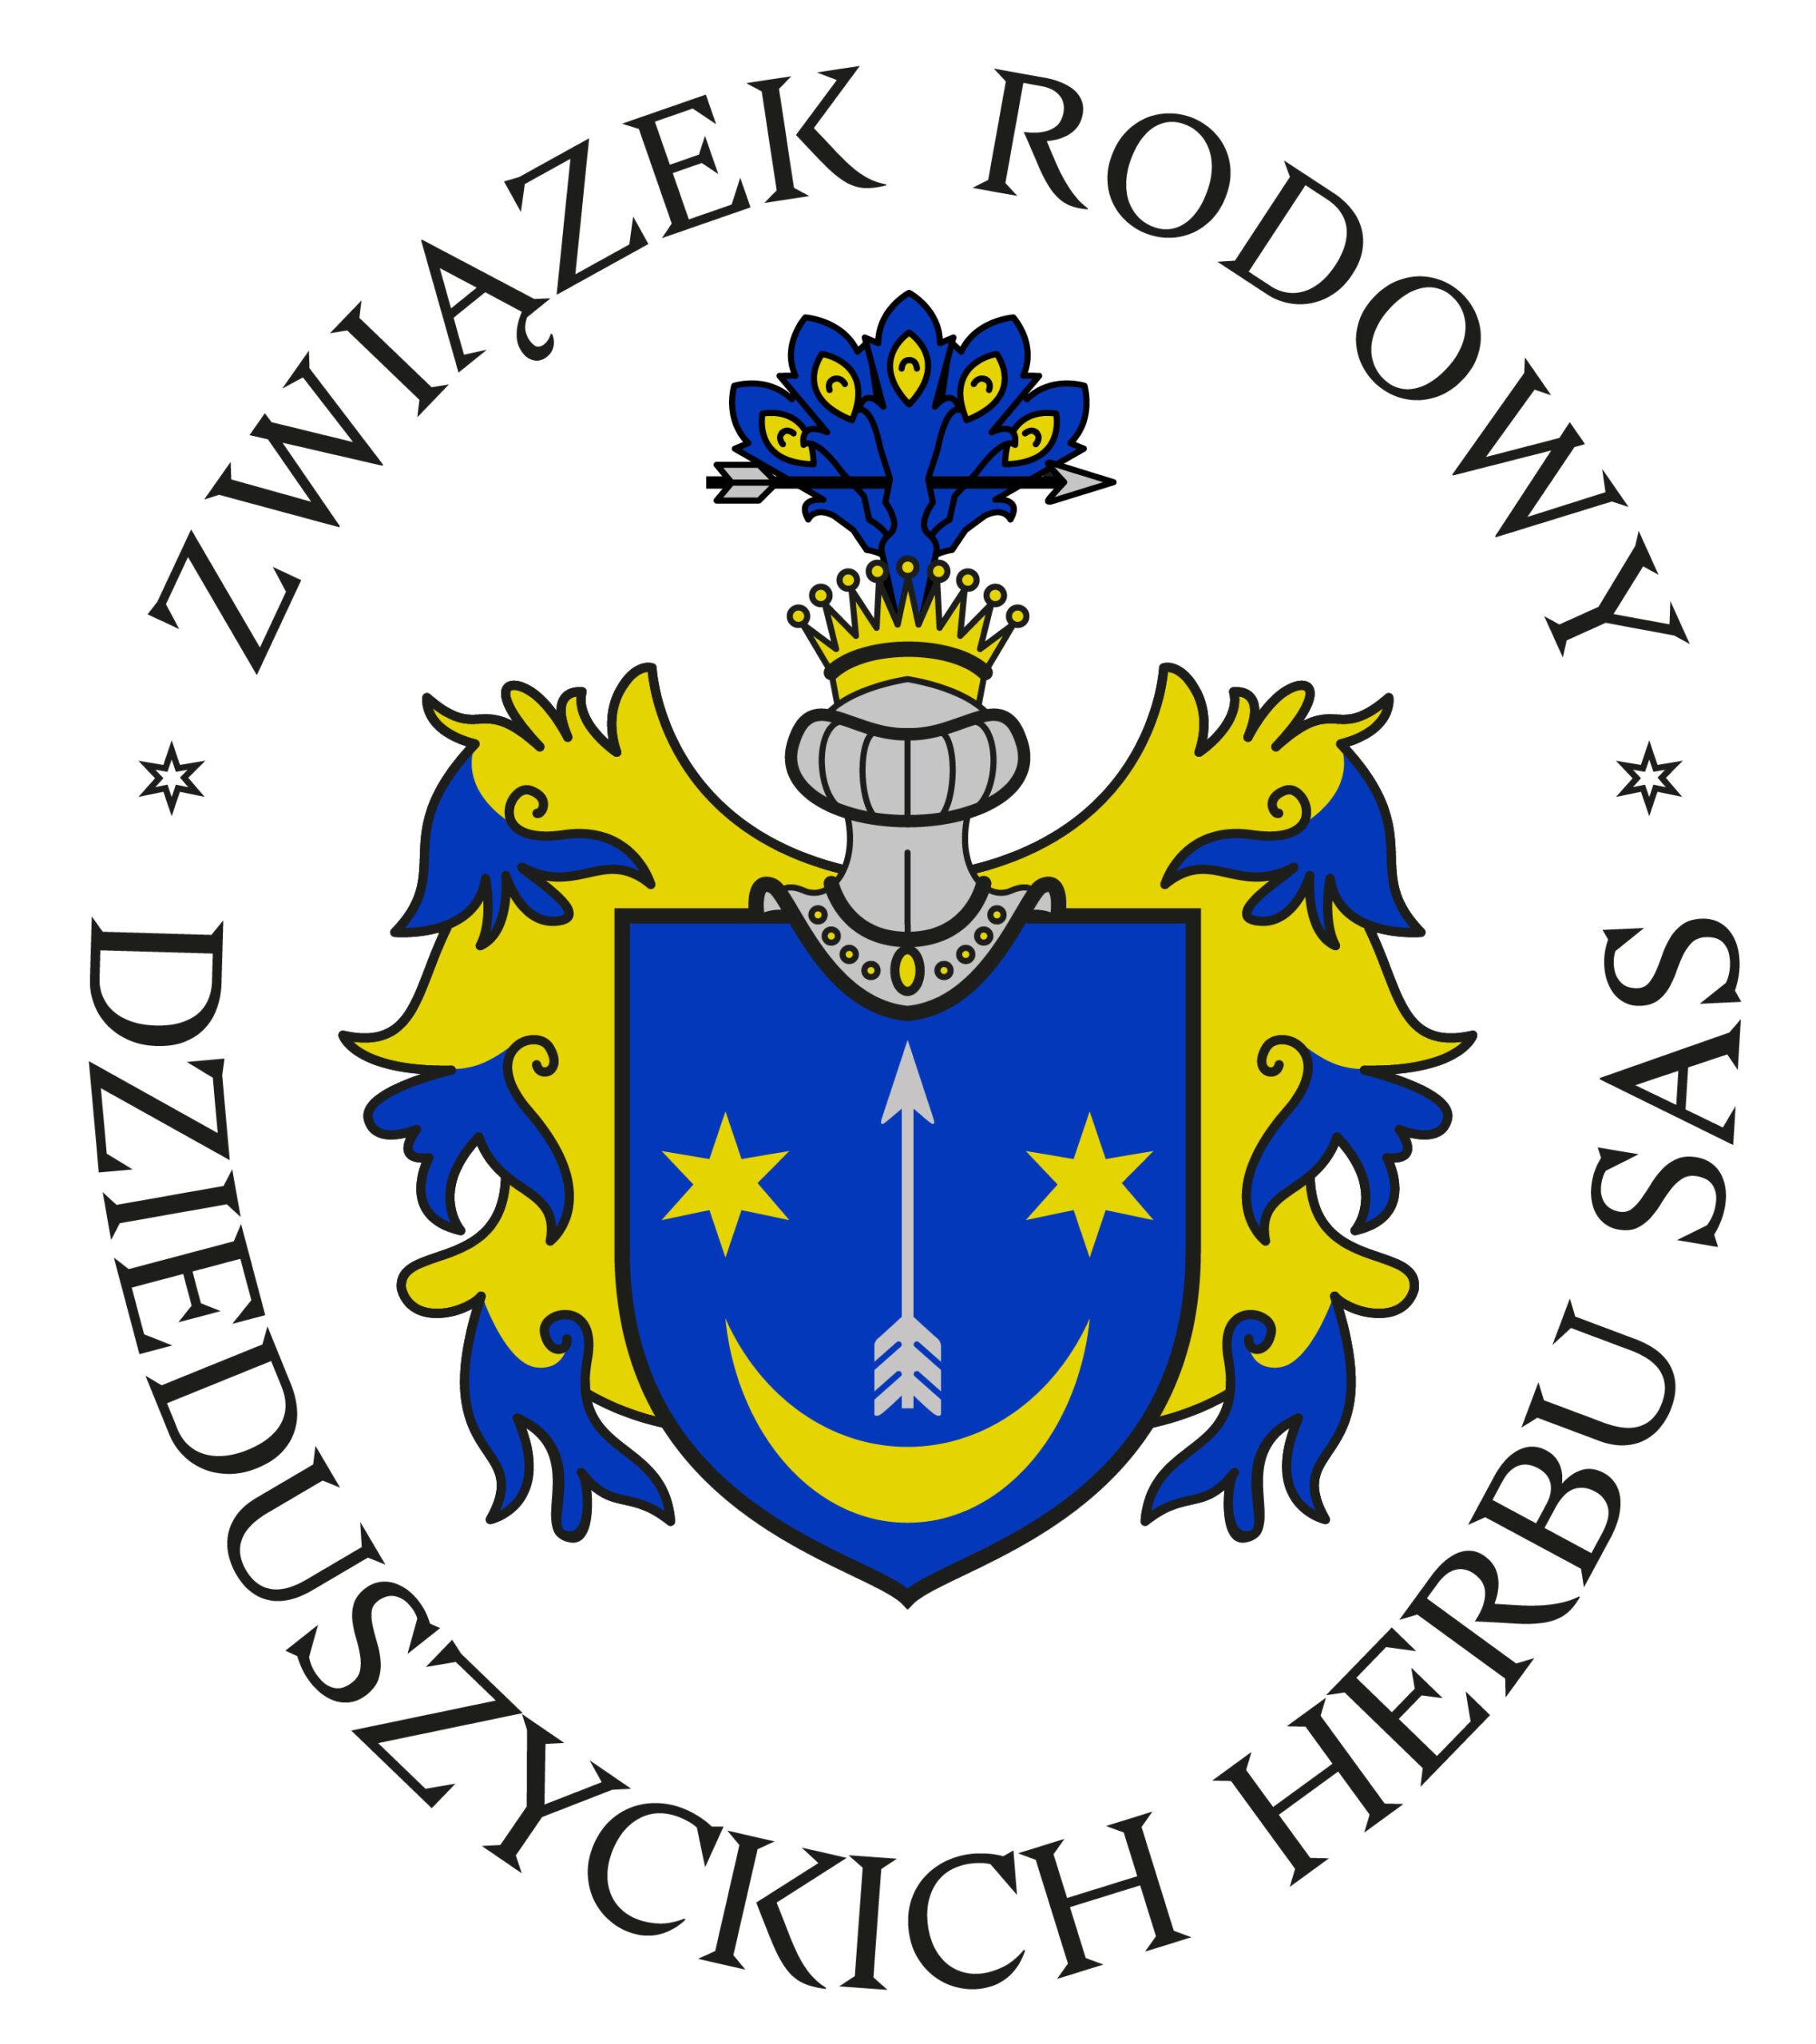 Związek Rodowy Dzieduszyckich herbu Sas